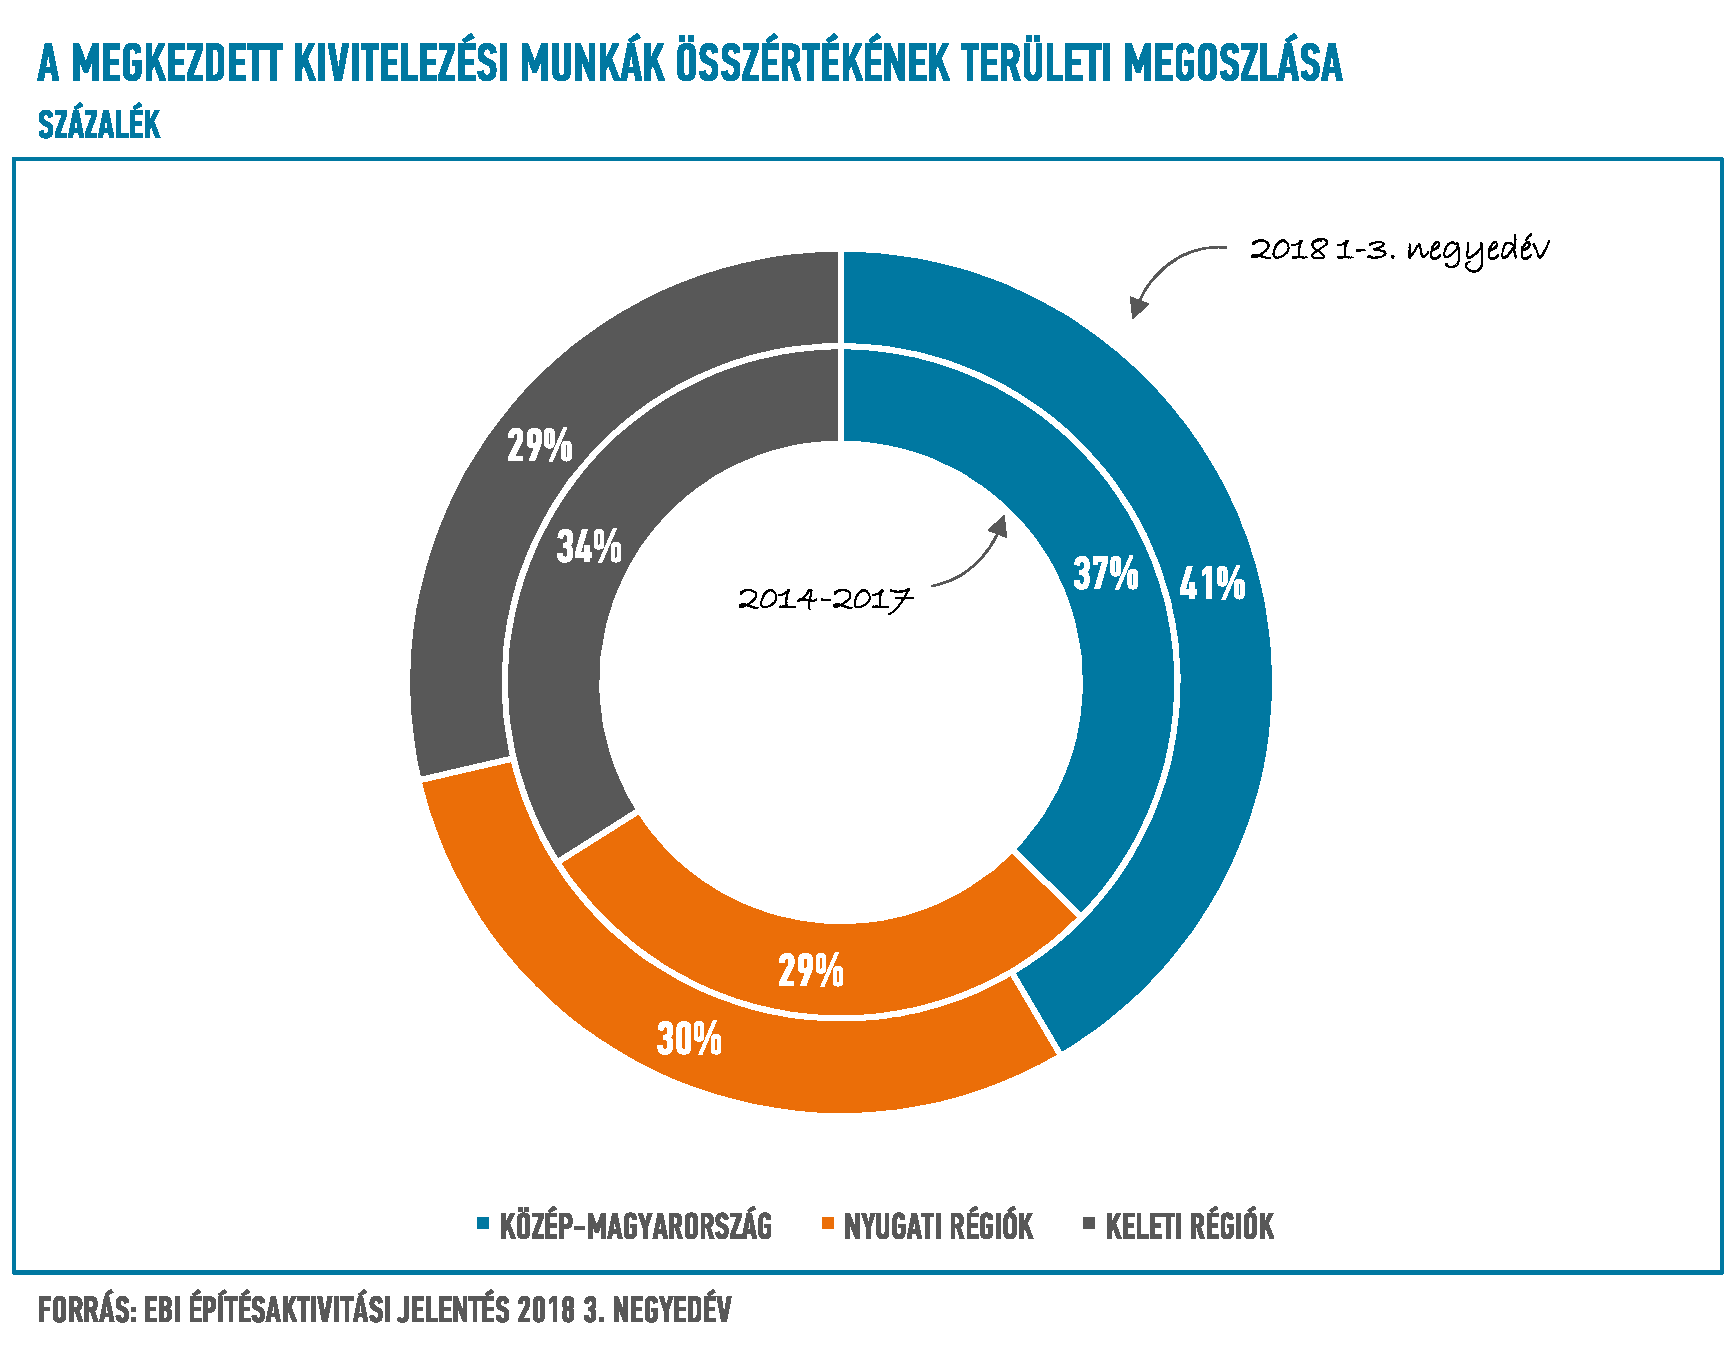 f3d6ec5a4c A megkezdett kivitelezési munkák összértékének területi megoszlása  Magyarország egyes régiói között